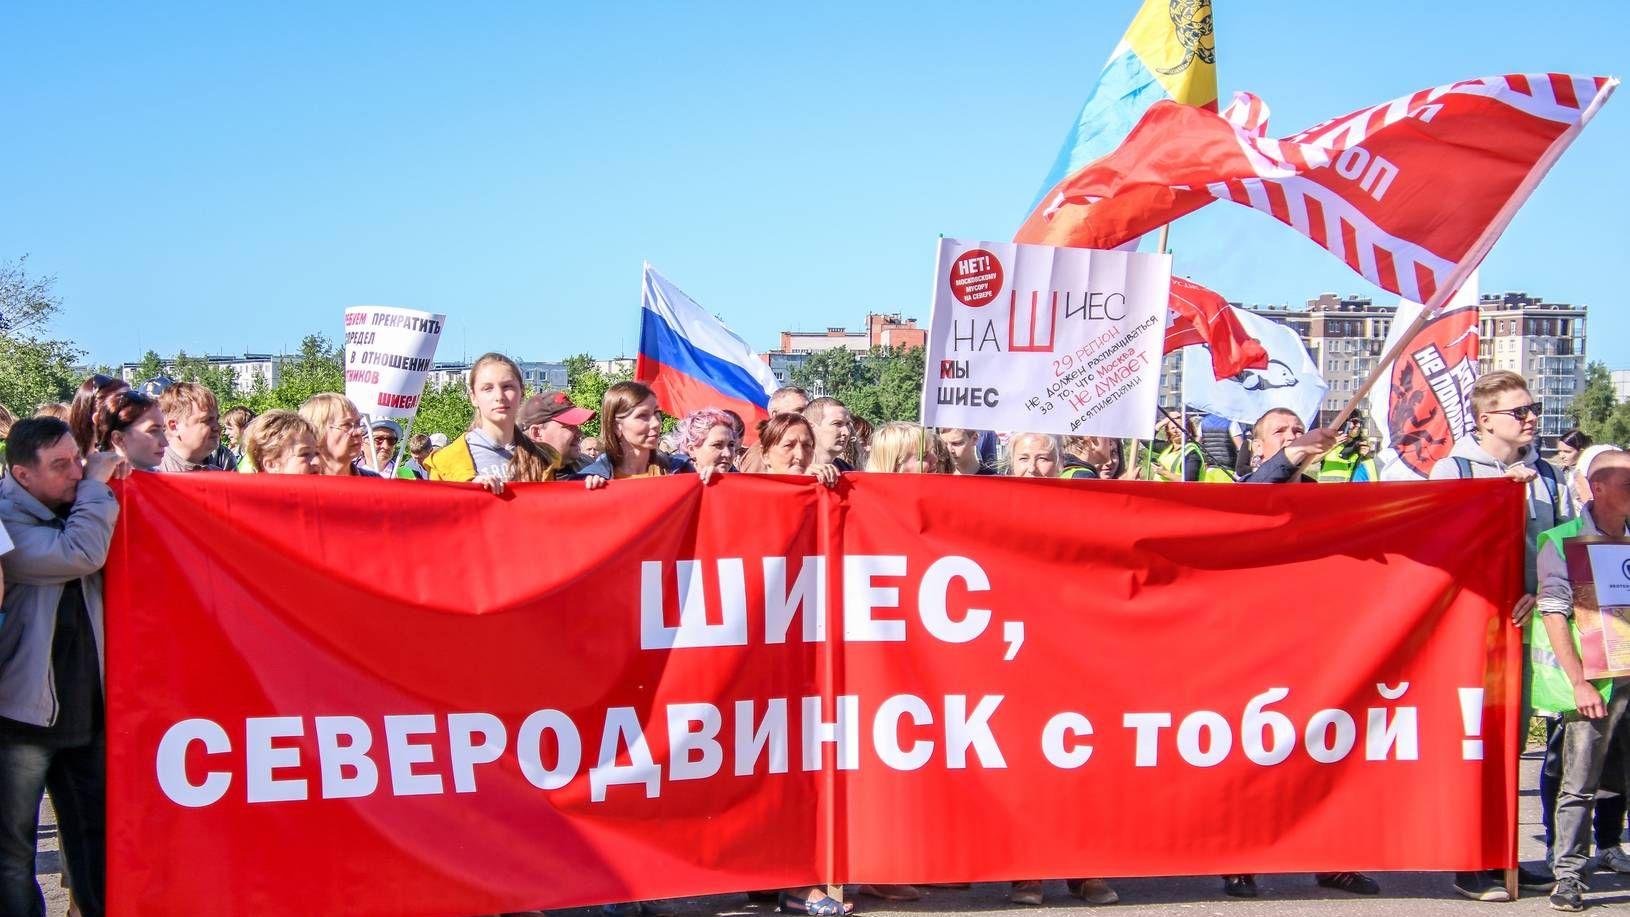 Митинг в защиту Шиеса, 16.06.19. Северодвинск.